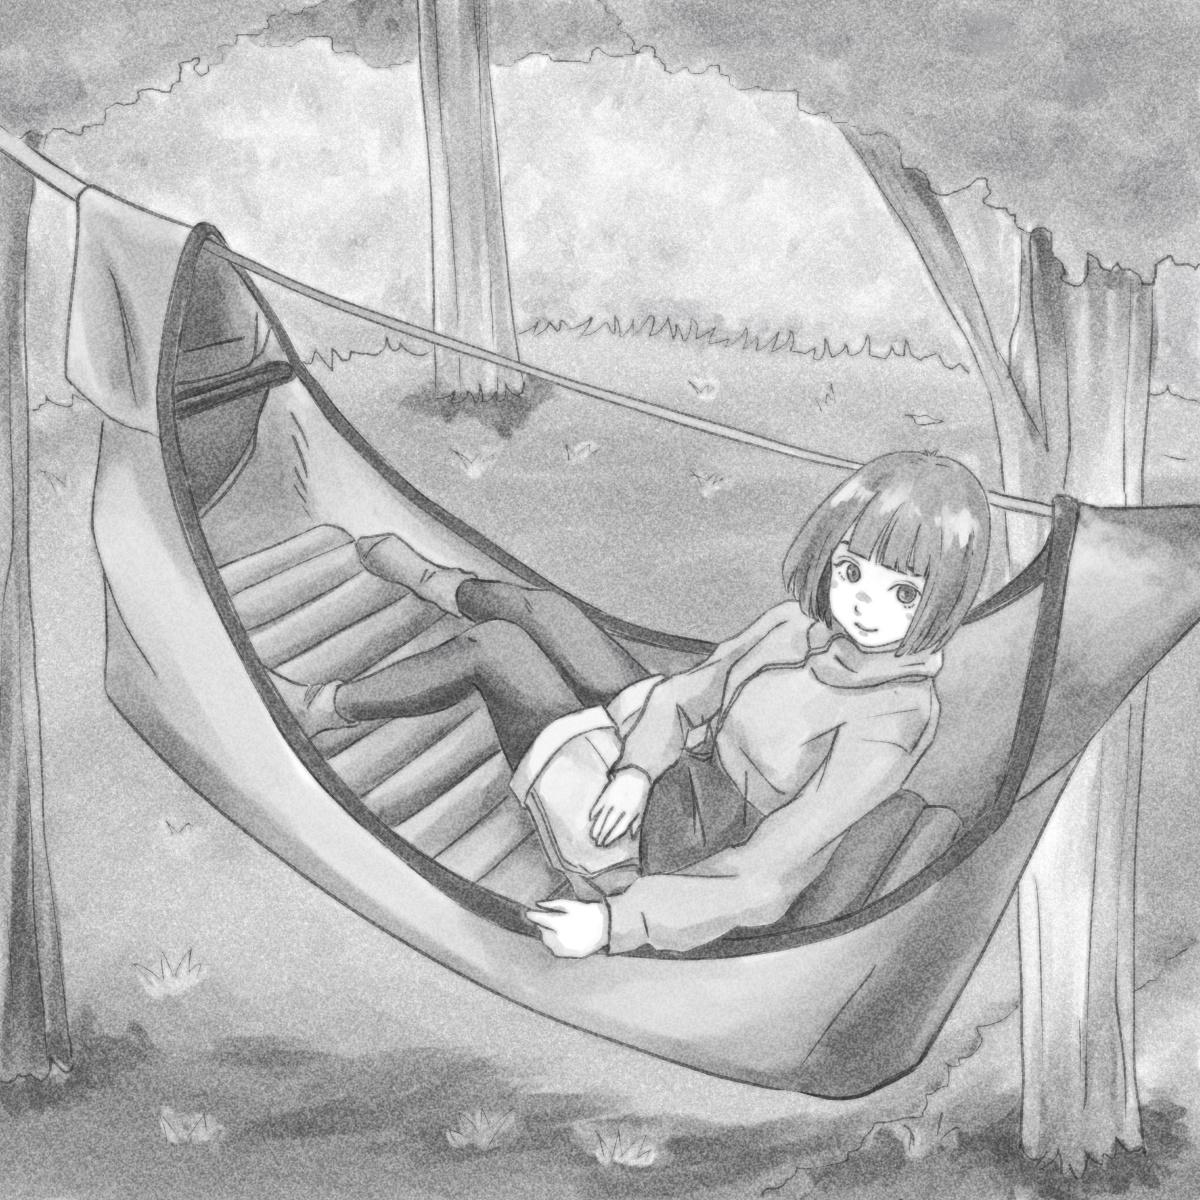 寝心地アップ!テントのようなハンモック